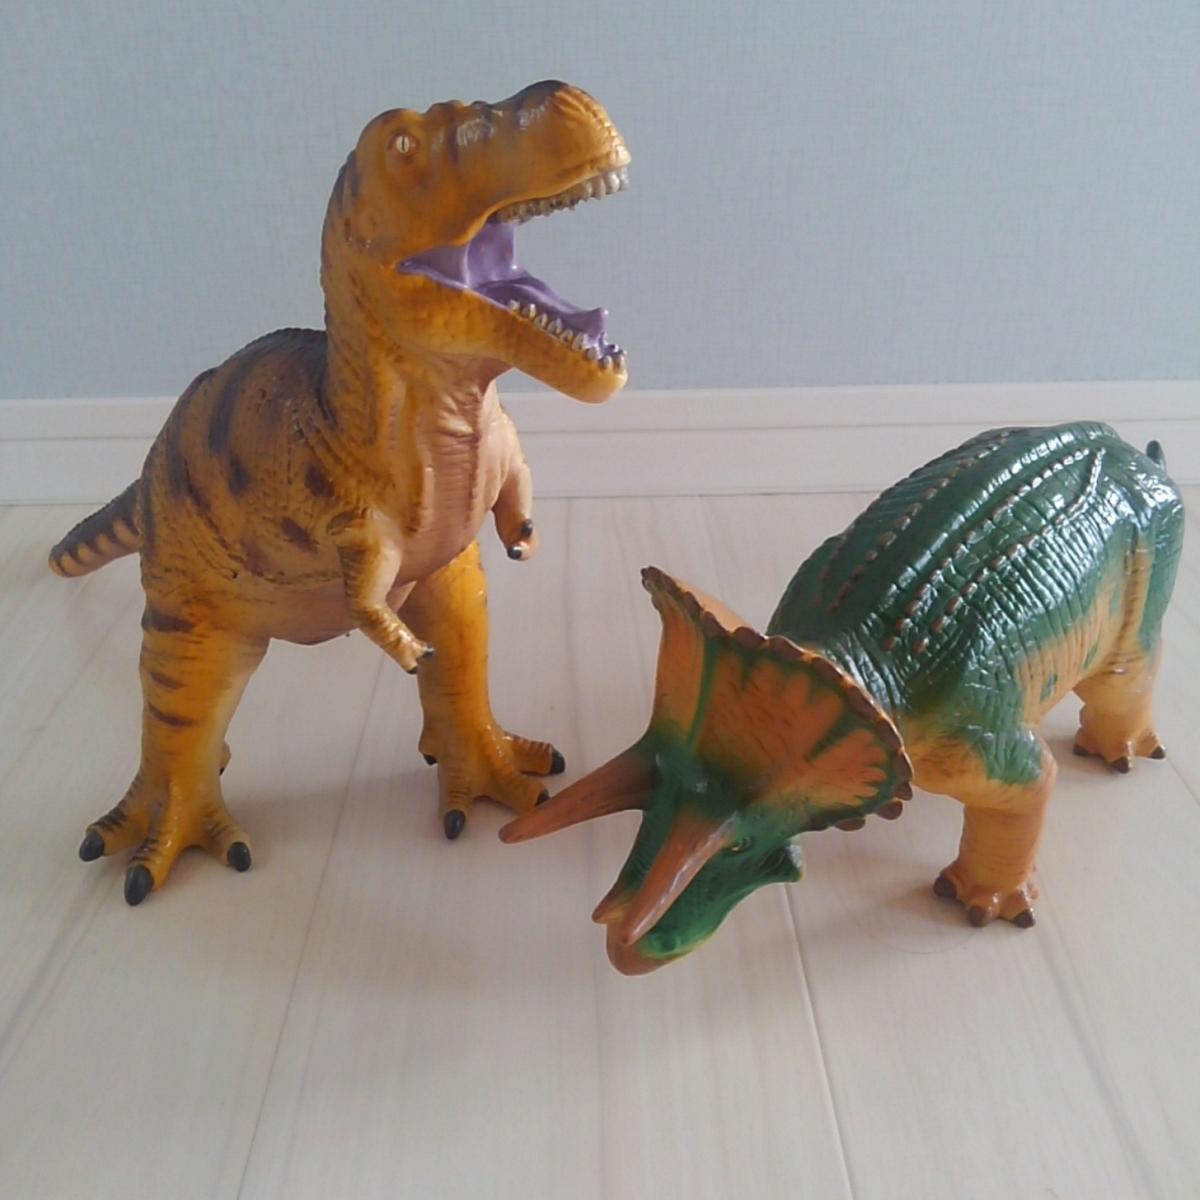 国立科学博物館 恐竜 ビニールモデル